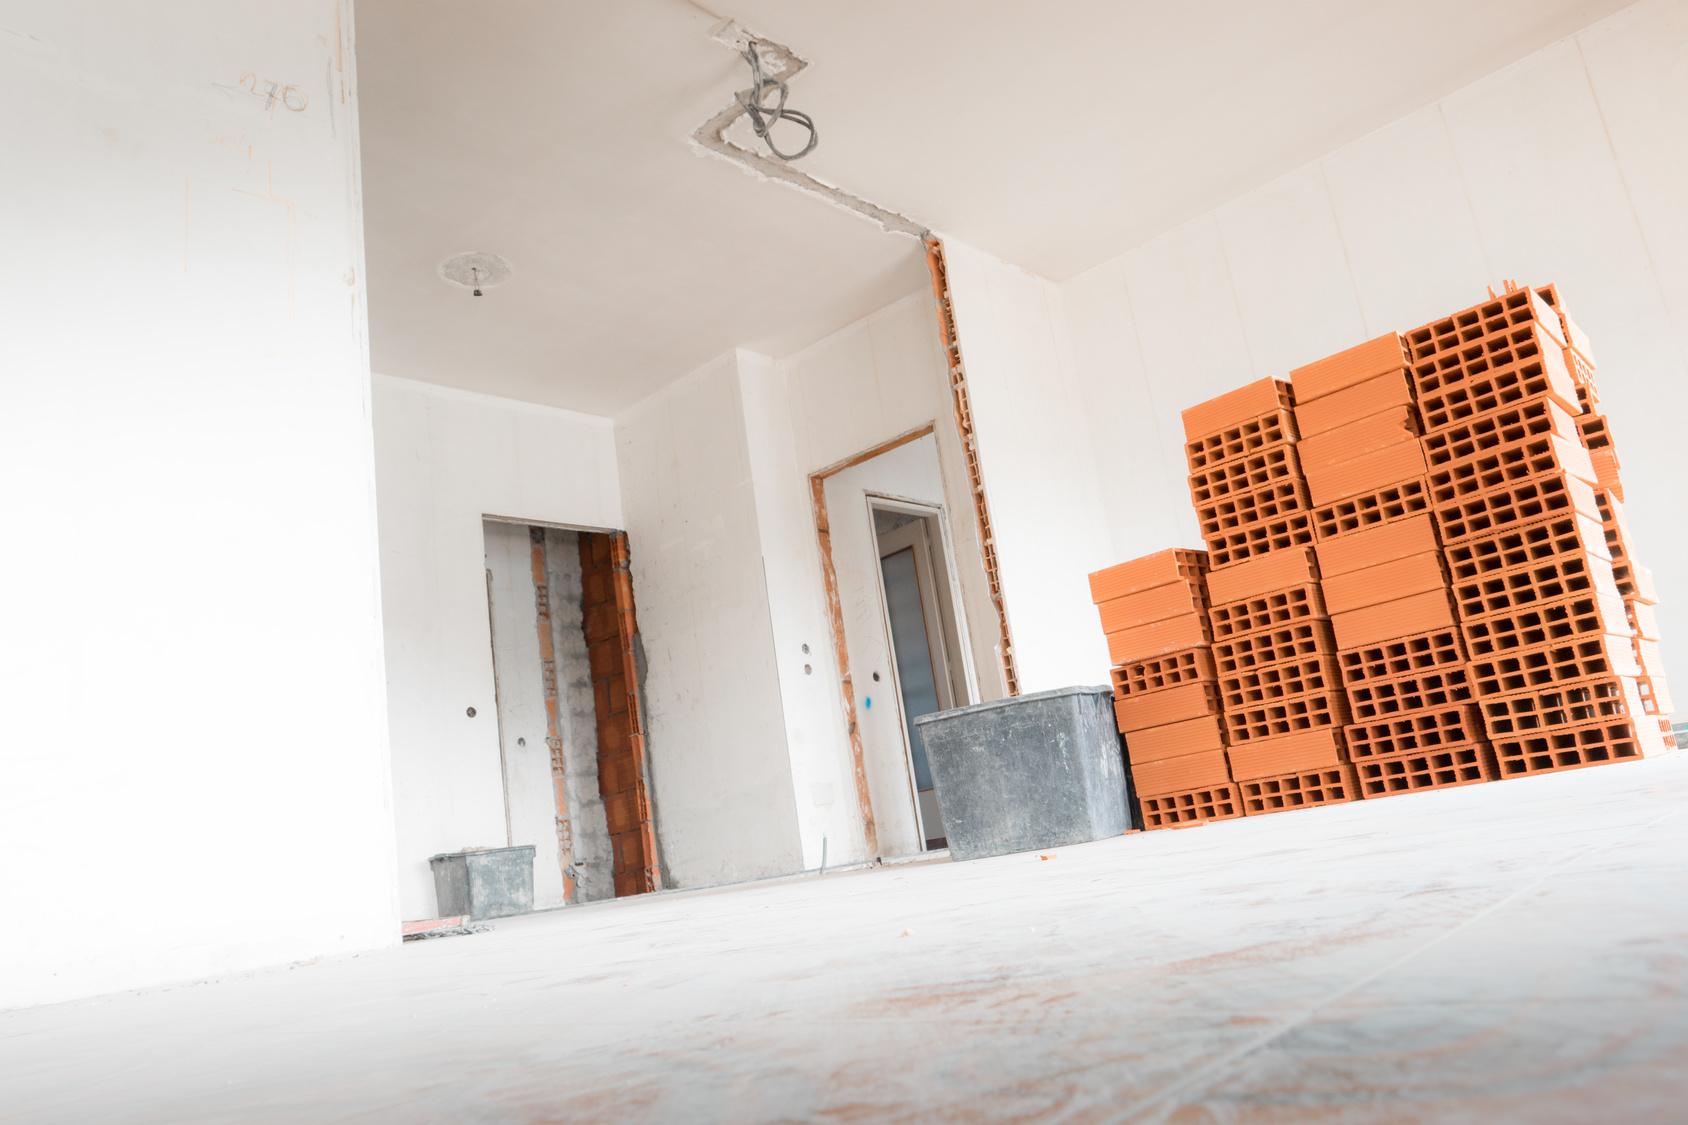 remont-domu-wyburzanie-scian